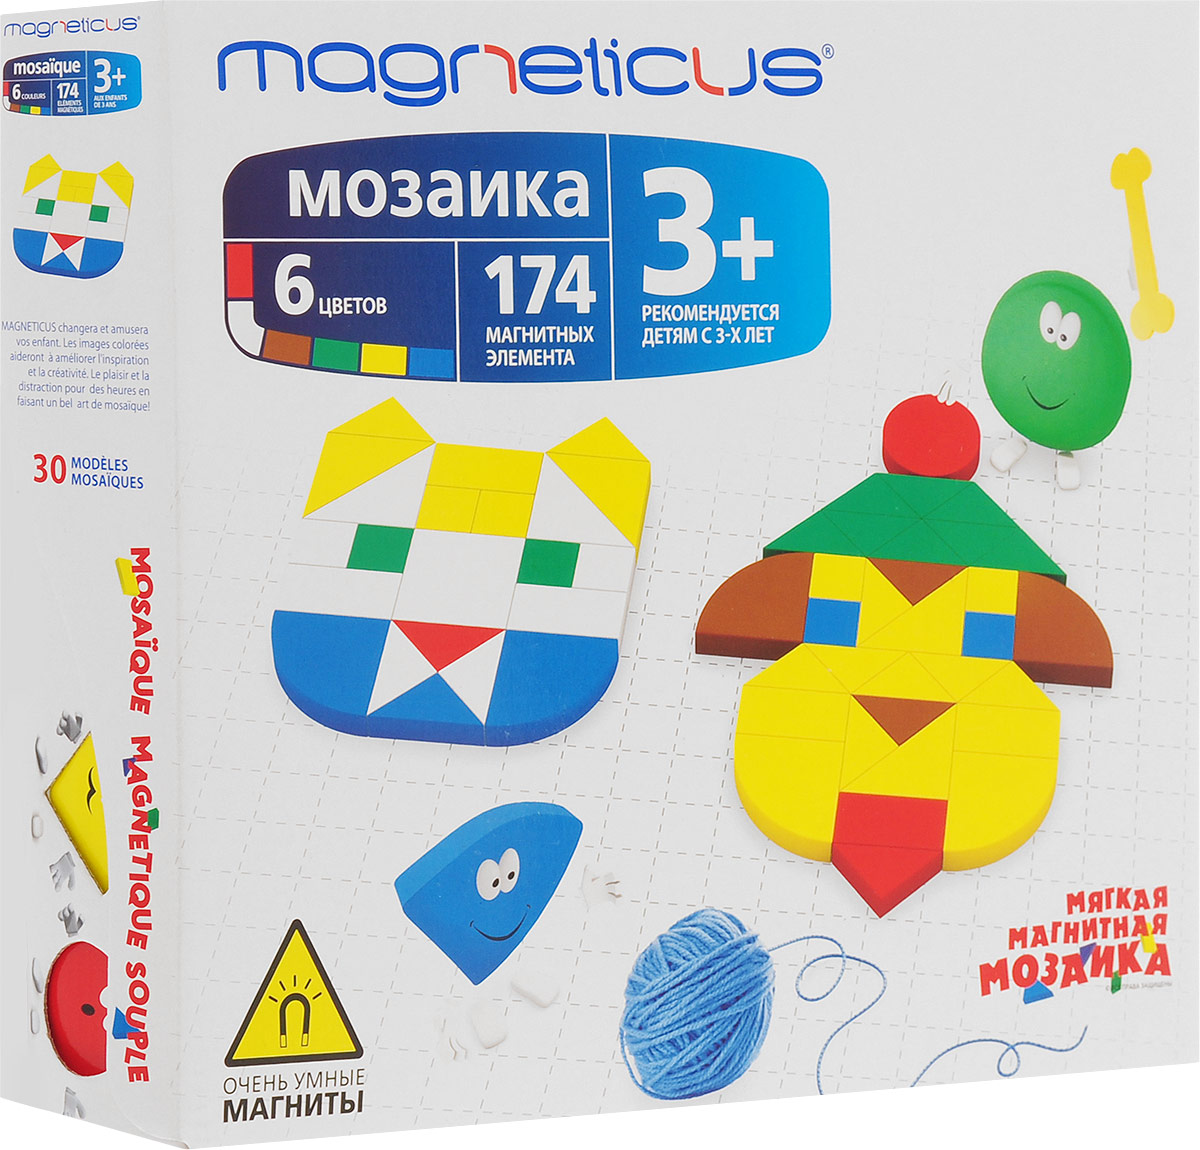 Magneticus Мозаика 30 этюдов магнитная мозаика magneticus mm 174 174 элемента 6 цветов 30 этюдов